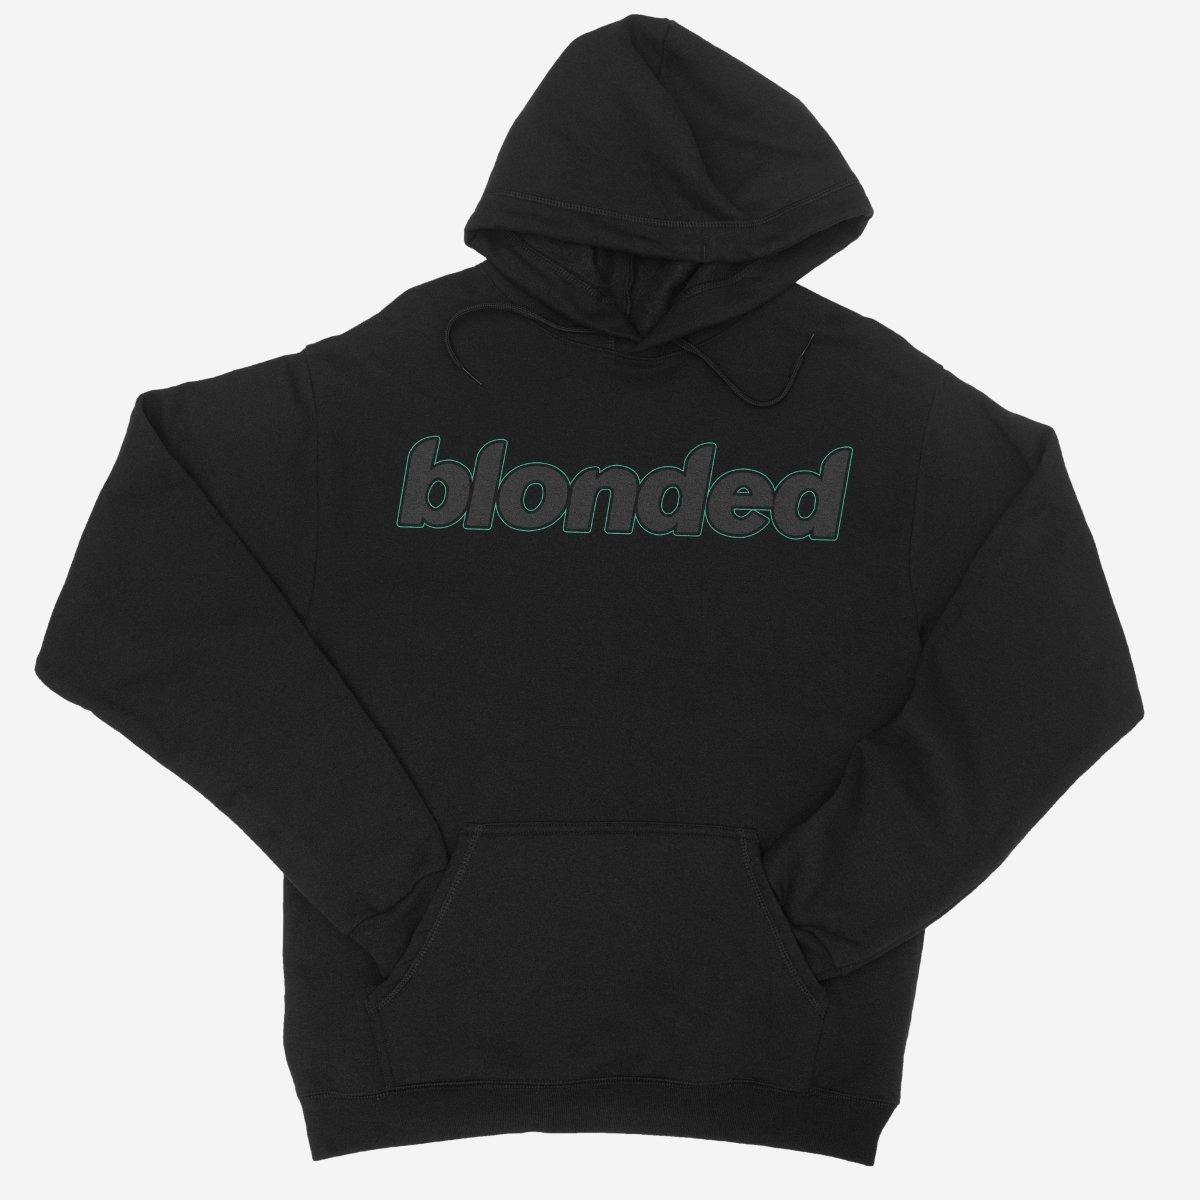 Frank Ocean - Blonded Logo Unisex Hoodie